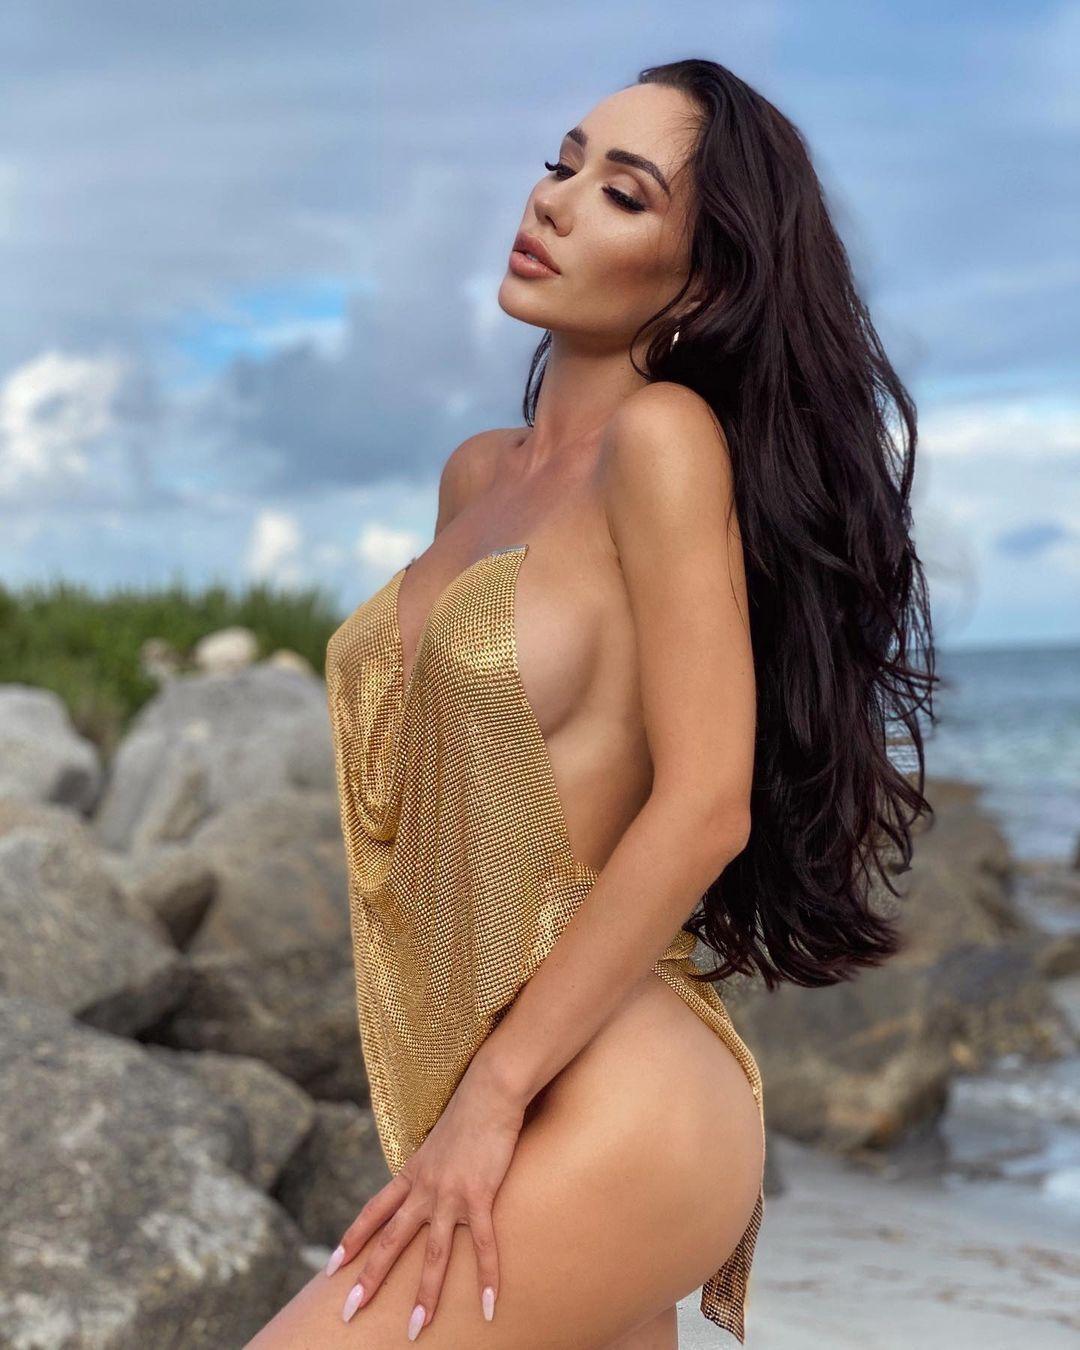 Ніна Сереброва в сукні золотого кольору